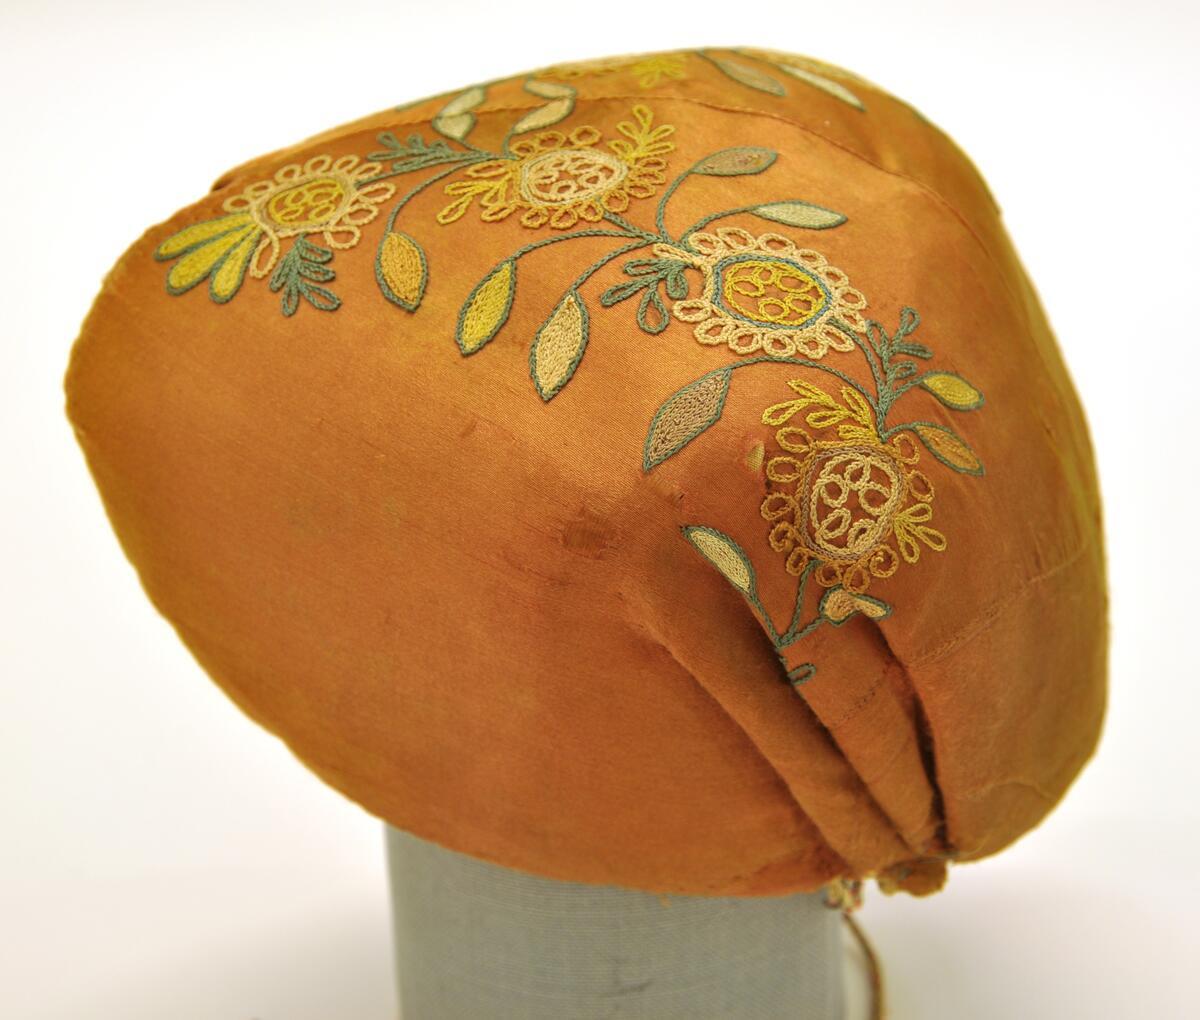 Bindmössa från Lyckegården, Toarps sn, Ås hd. Enligt uppgift brudmössa. Orange sidensatin med broderat blommönster i gult, blågrönt, naturfärgat, beige och orange silke. Hjärtformat urtag mitt fram, framkanten kantad med orange sidenband. Mittsöm, sammanfogad av mindre tygbitar baktill. 3 veck i var sida. Tvinnade knytband i rött, grönt och ofärgat. Fodrad med ofärgat linnetyg, kypert.